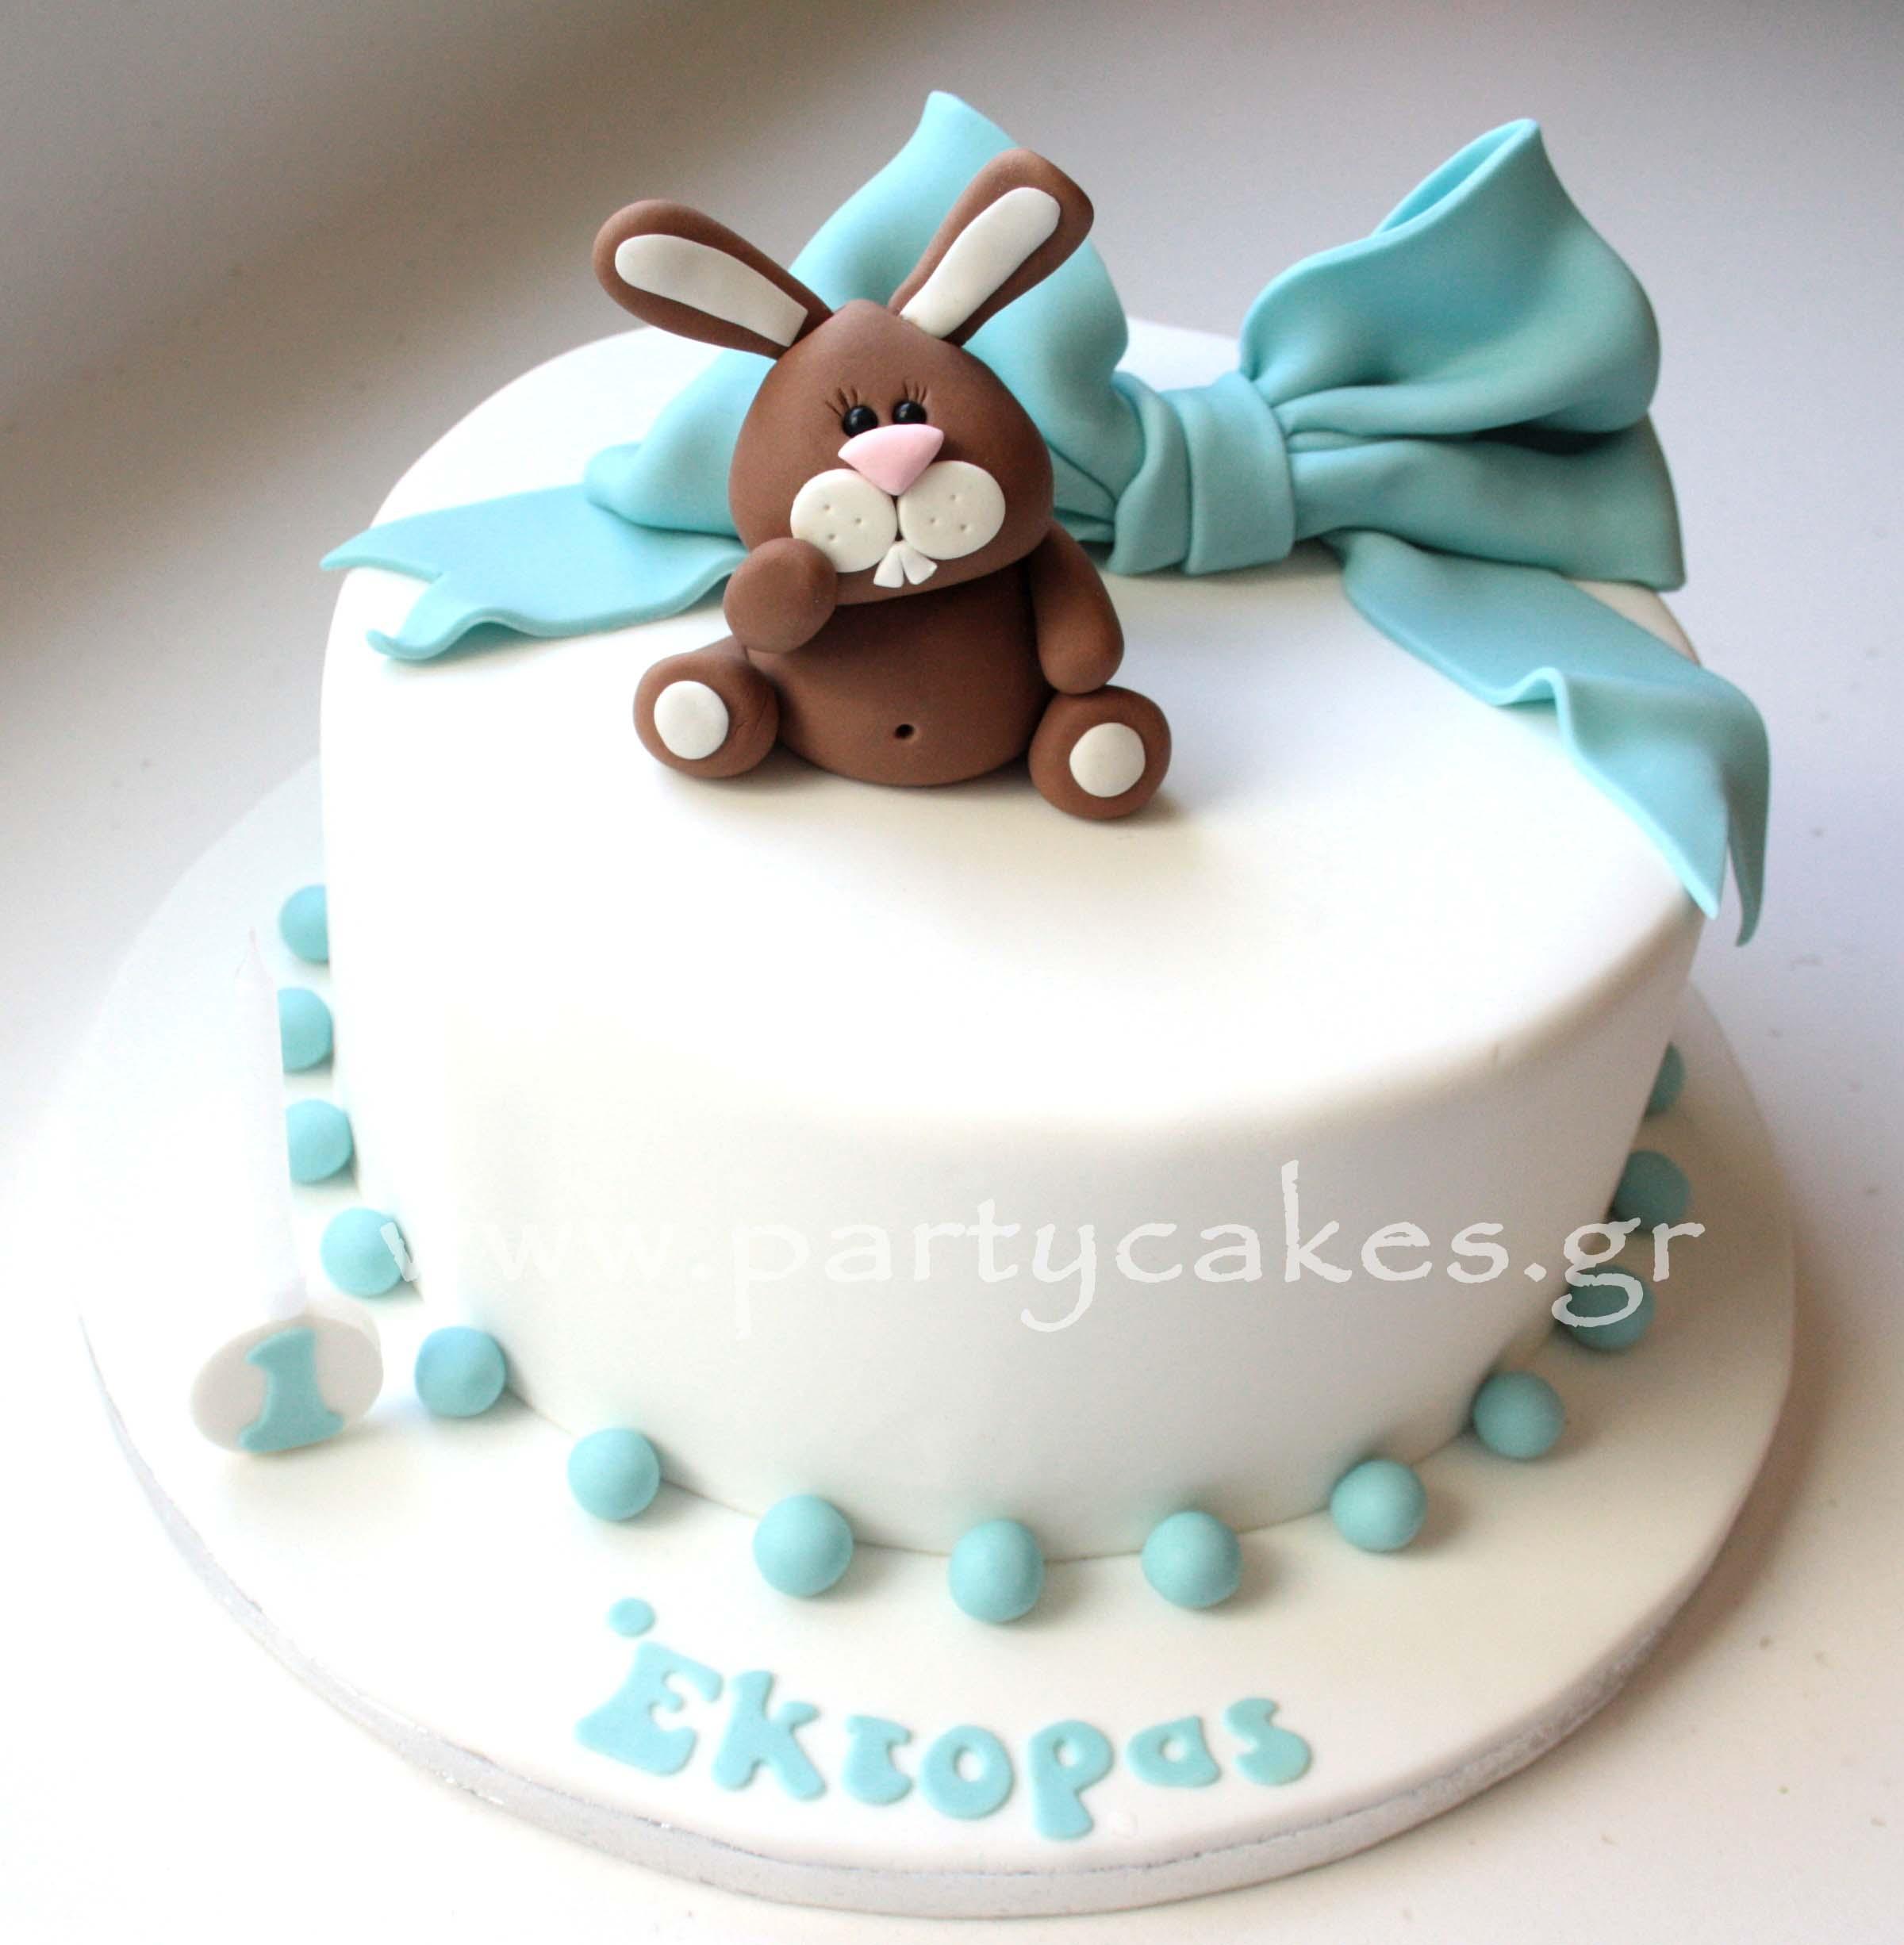 Bunny Cake 1.jpg